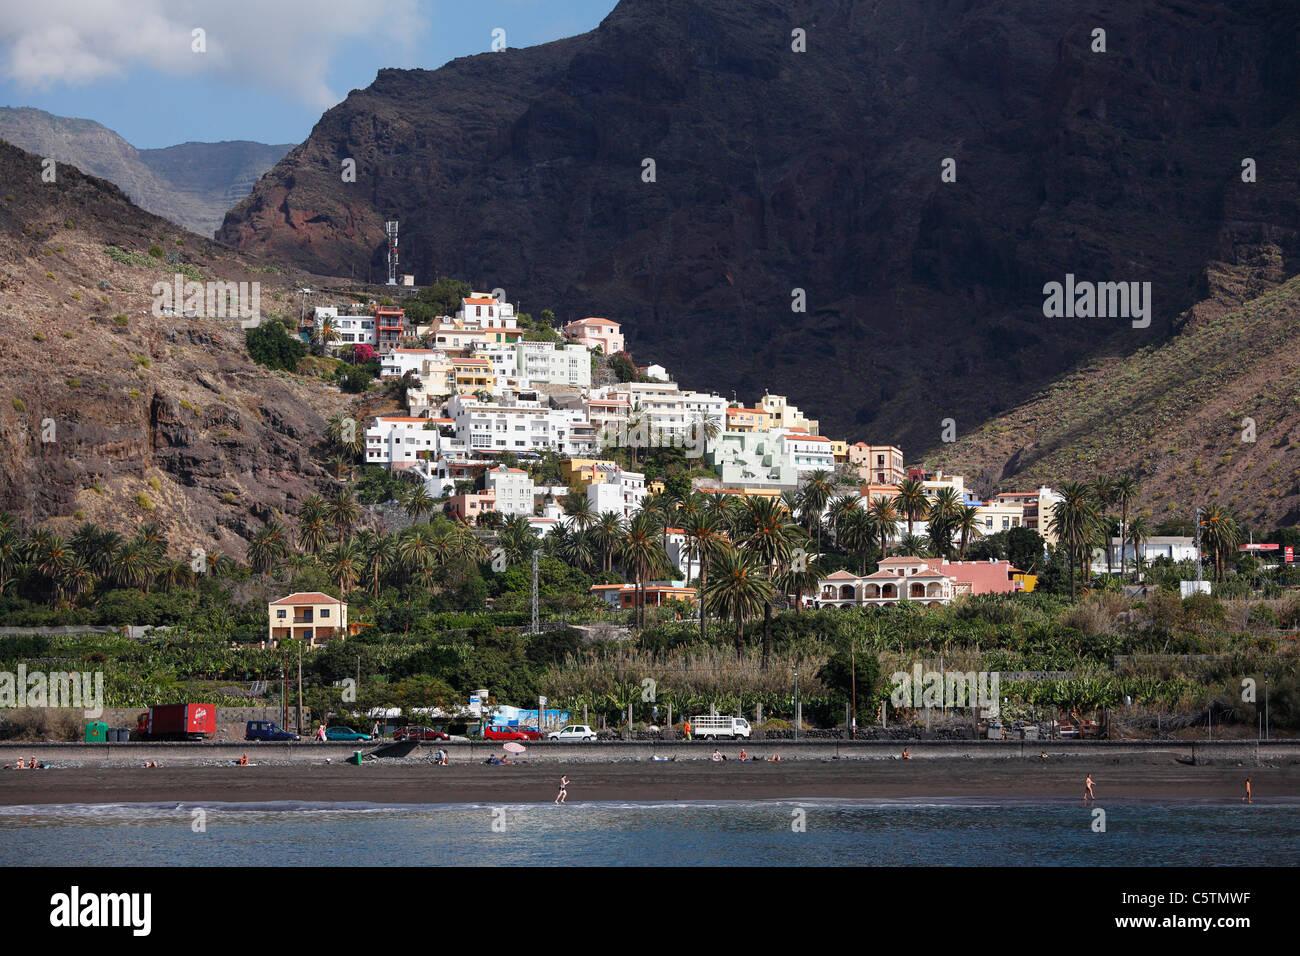 Spanien, Kanarische Inseln, La Gomera, Valle Gran Rey, La Calera, Touristen am Strand mit Bergen Stockbild